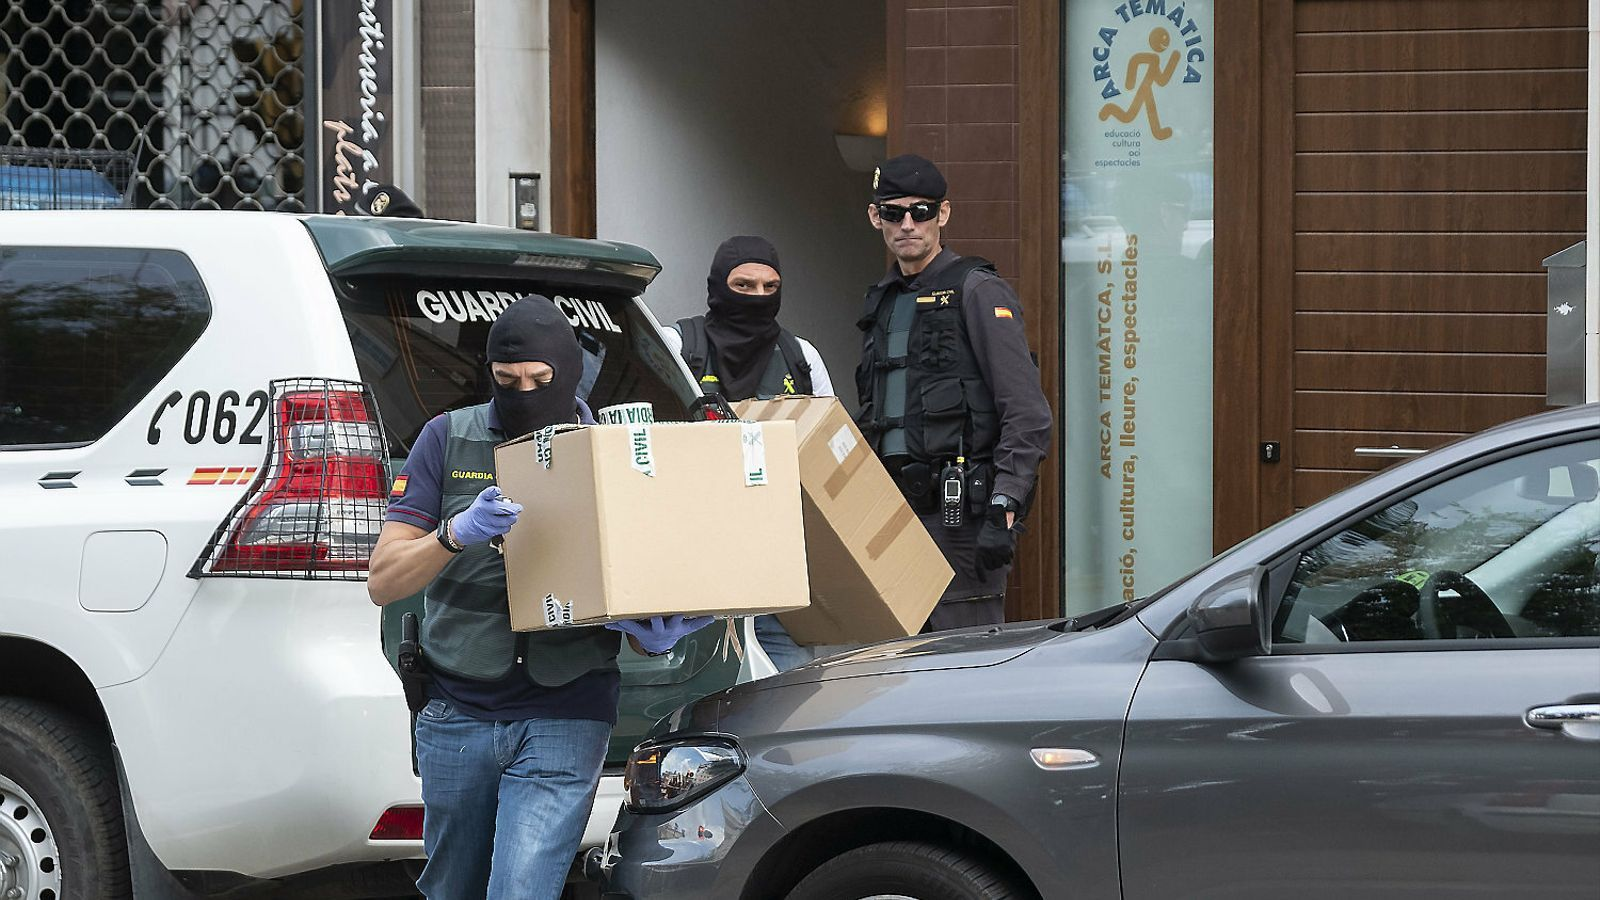 Operatiu policial contra els CDR  a les portes de la sentència de l'1-O